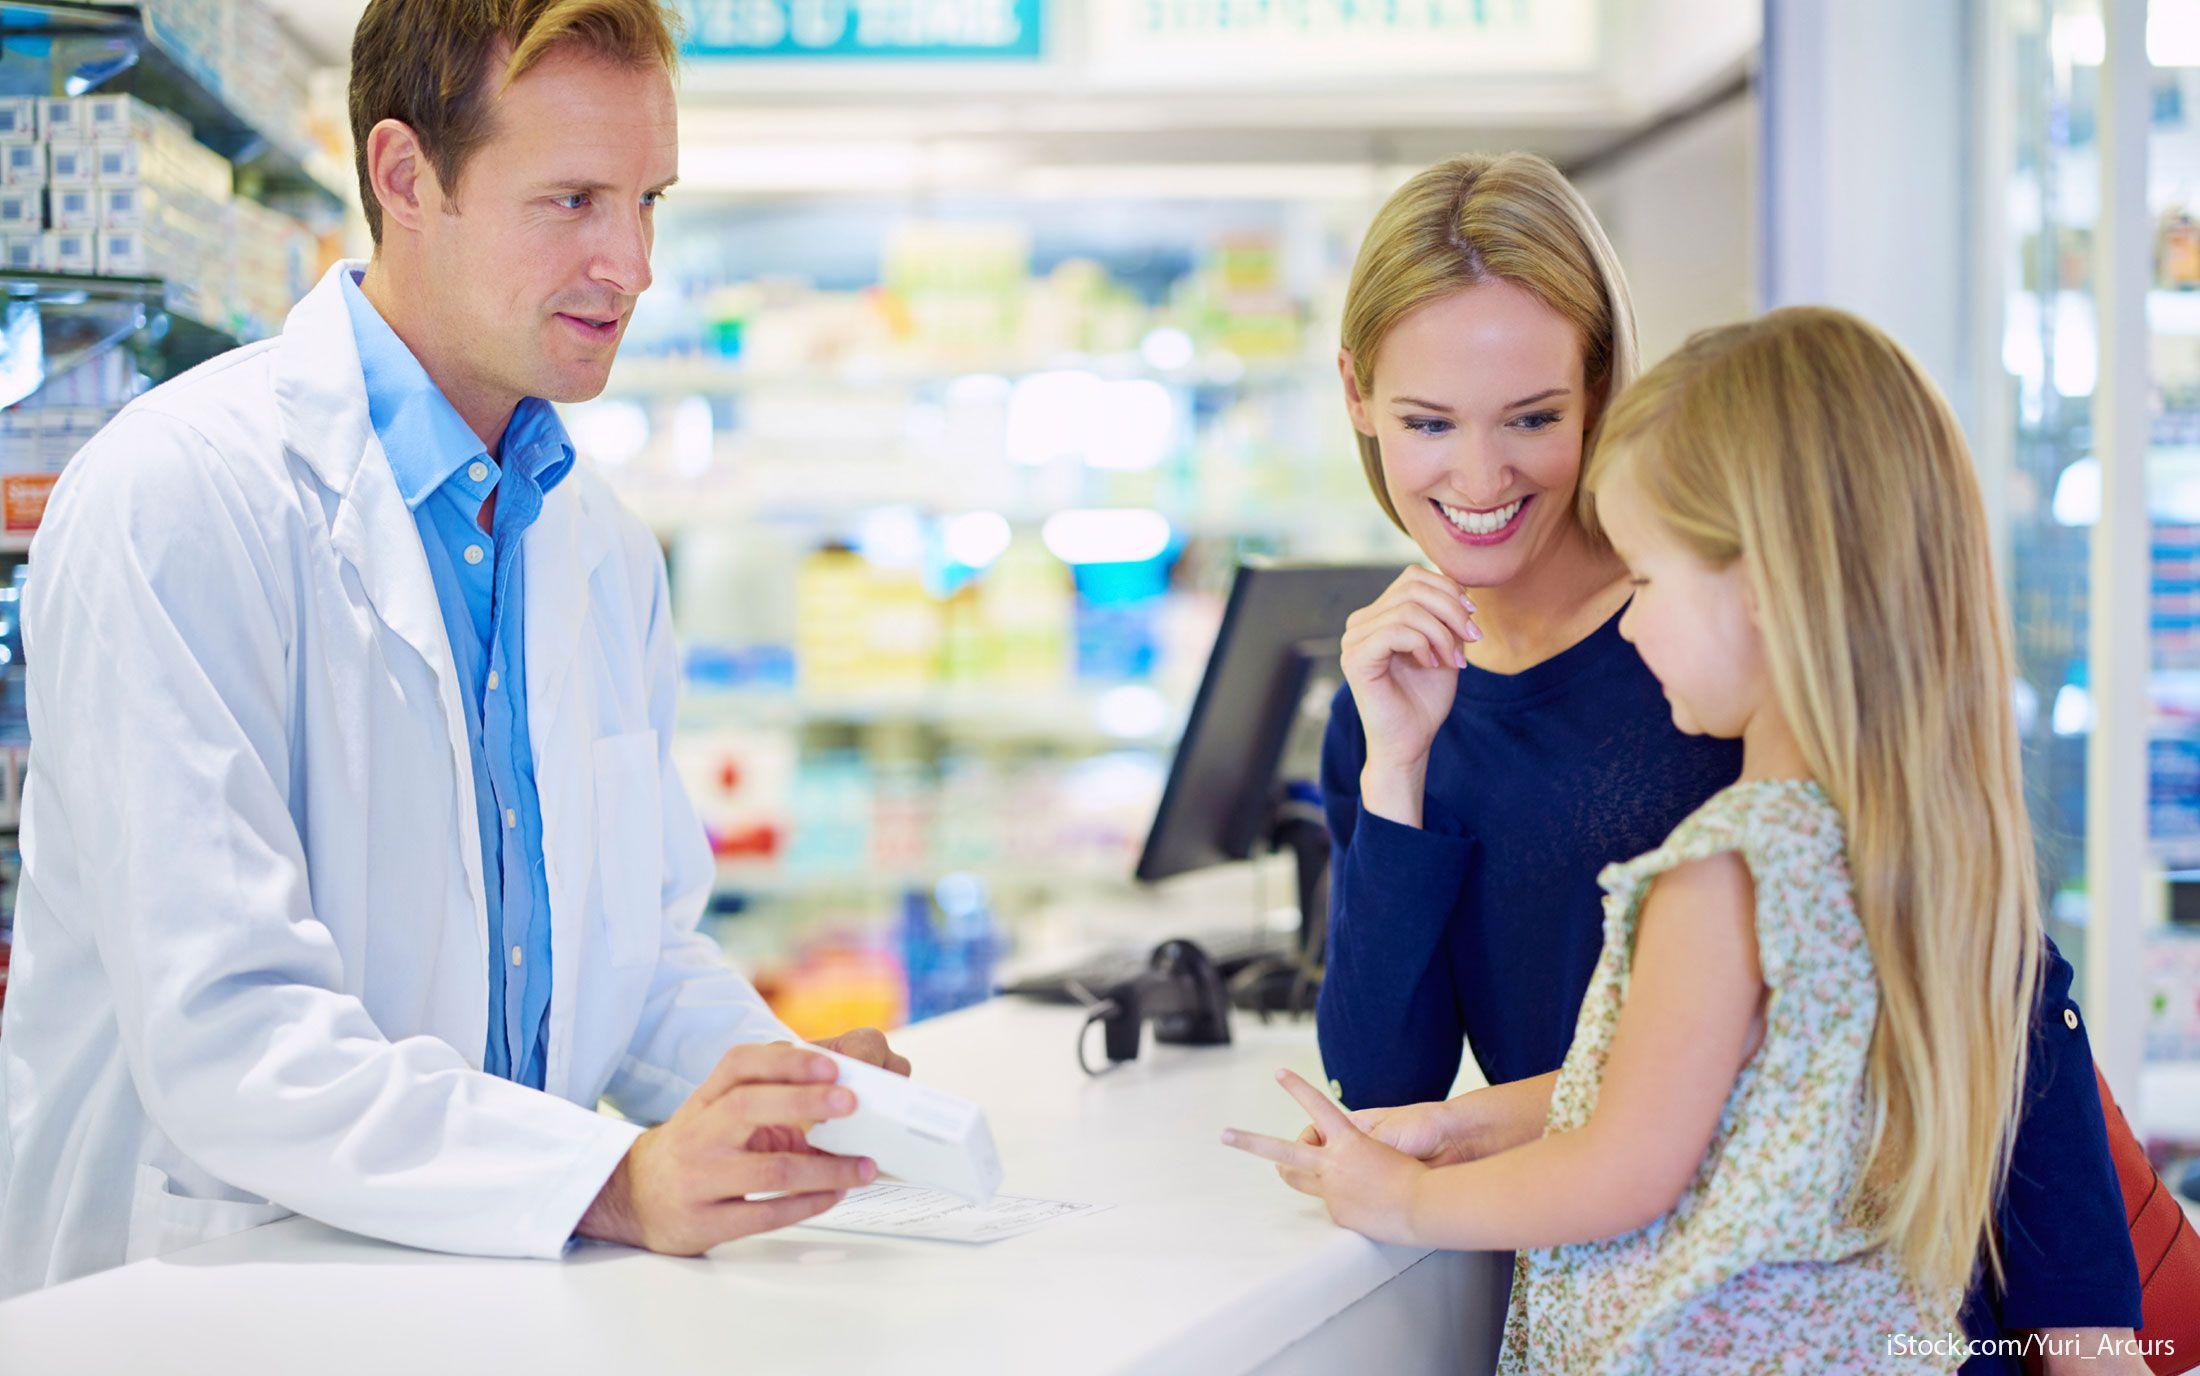 Sams club free prescriptions